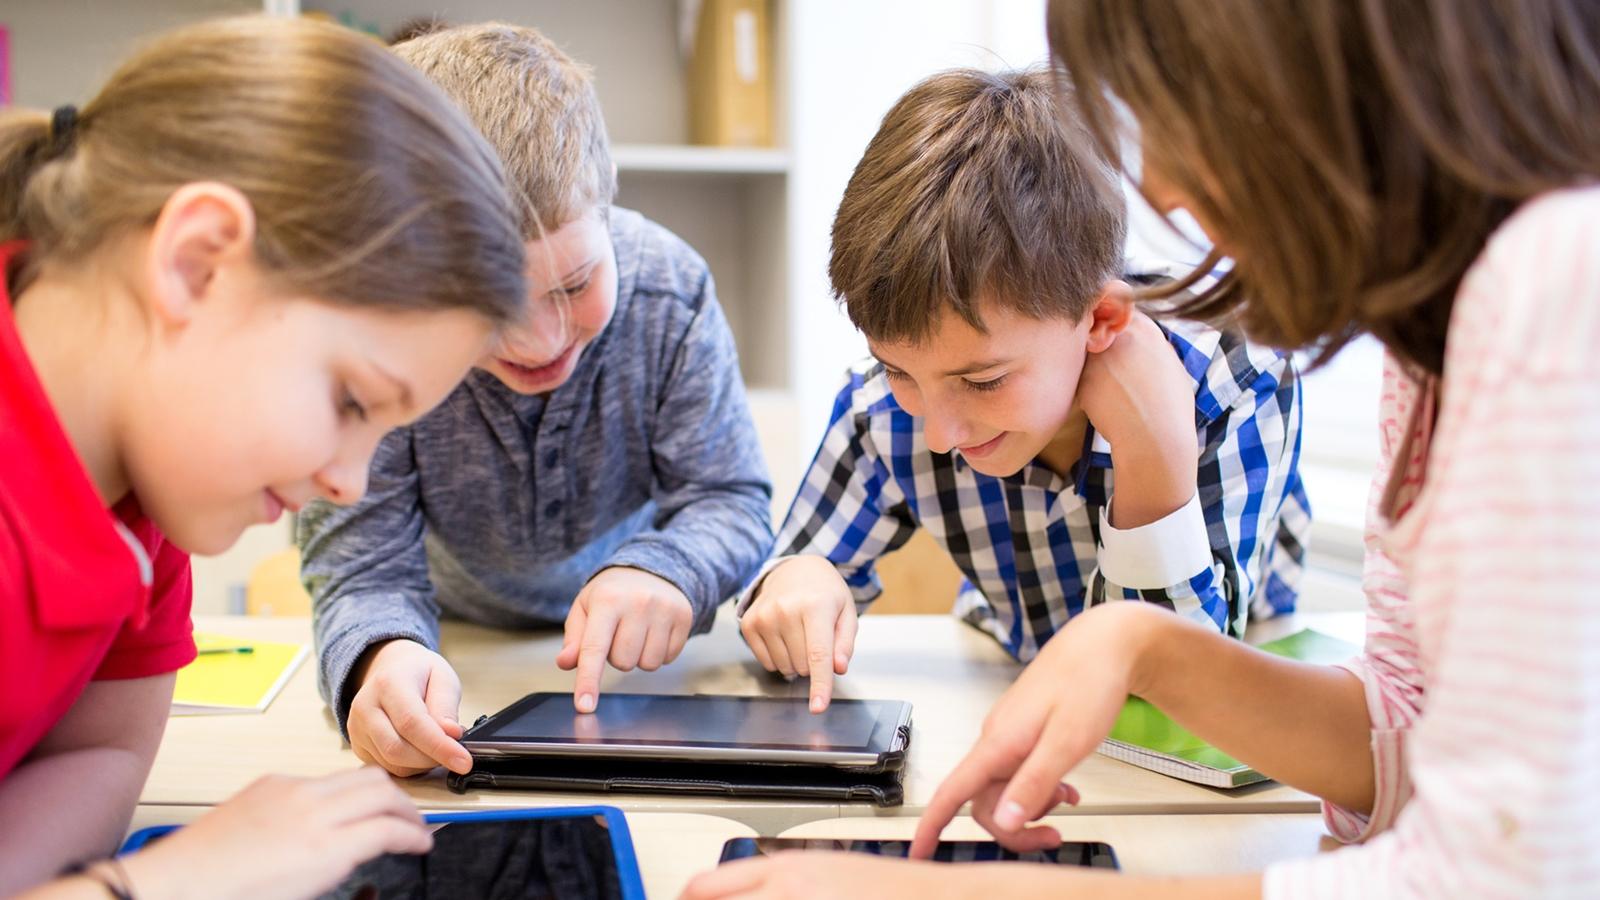 Lern-Apps für Kinder gibt es zu vielen Themenbereichen